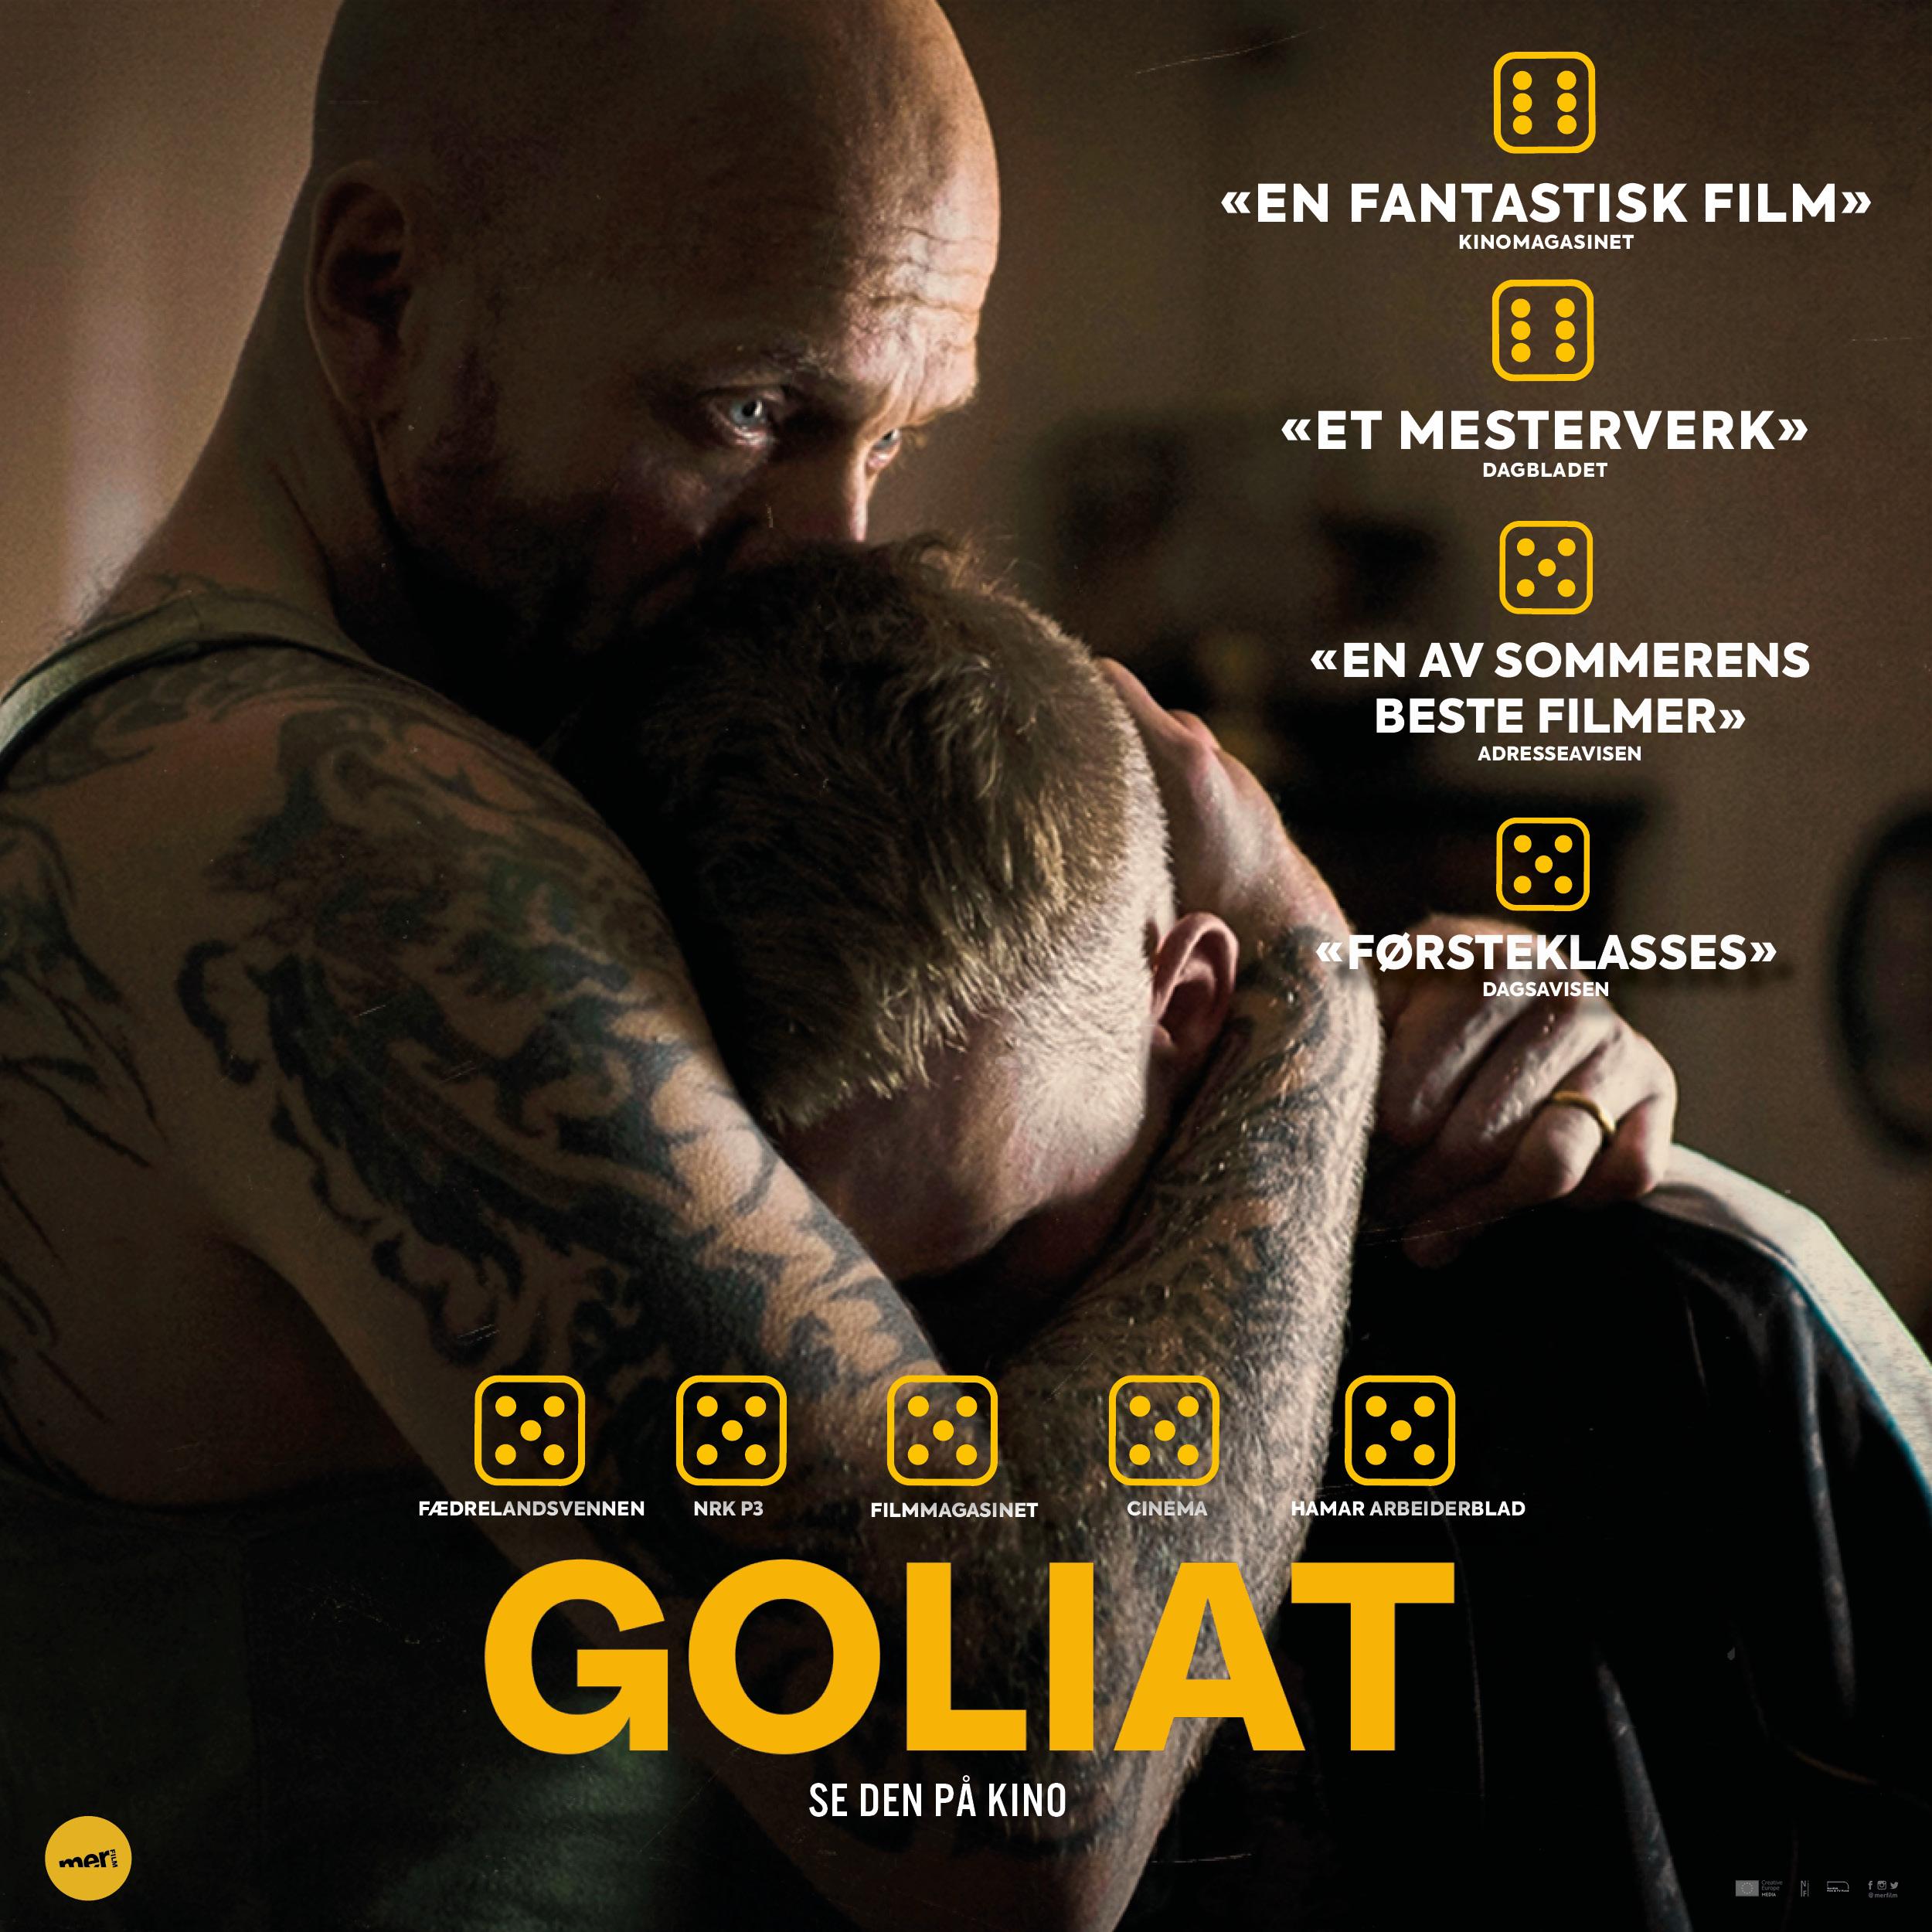 Goliat – Bergstaden Filmklubb